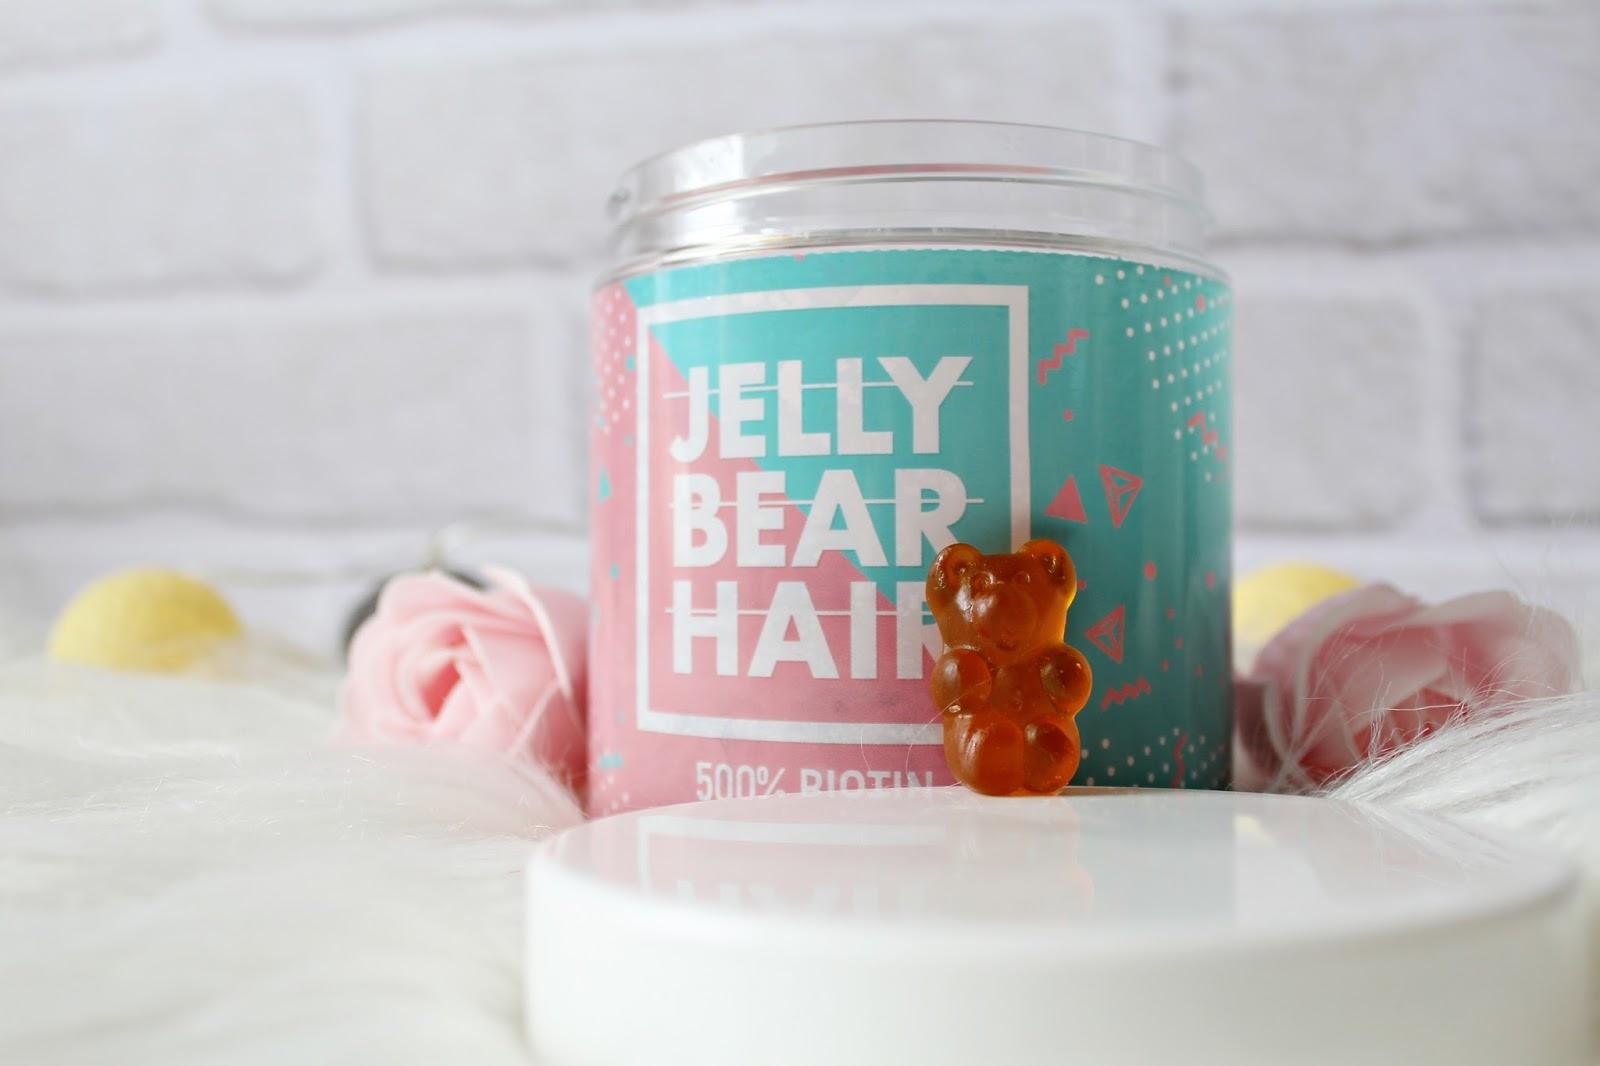 JELLY BEAR HAIR - witaminy na włosy w żelkach!